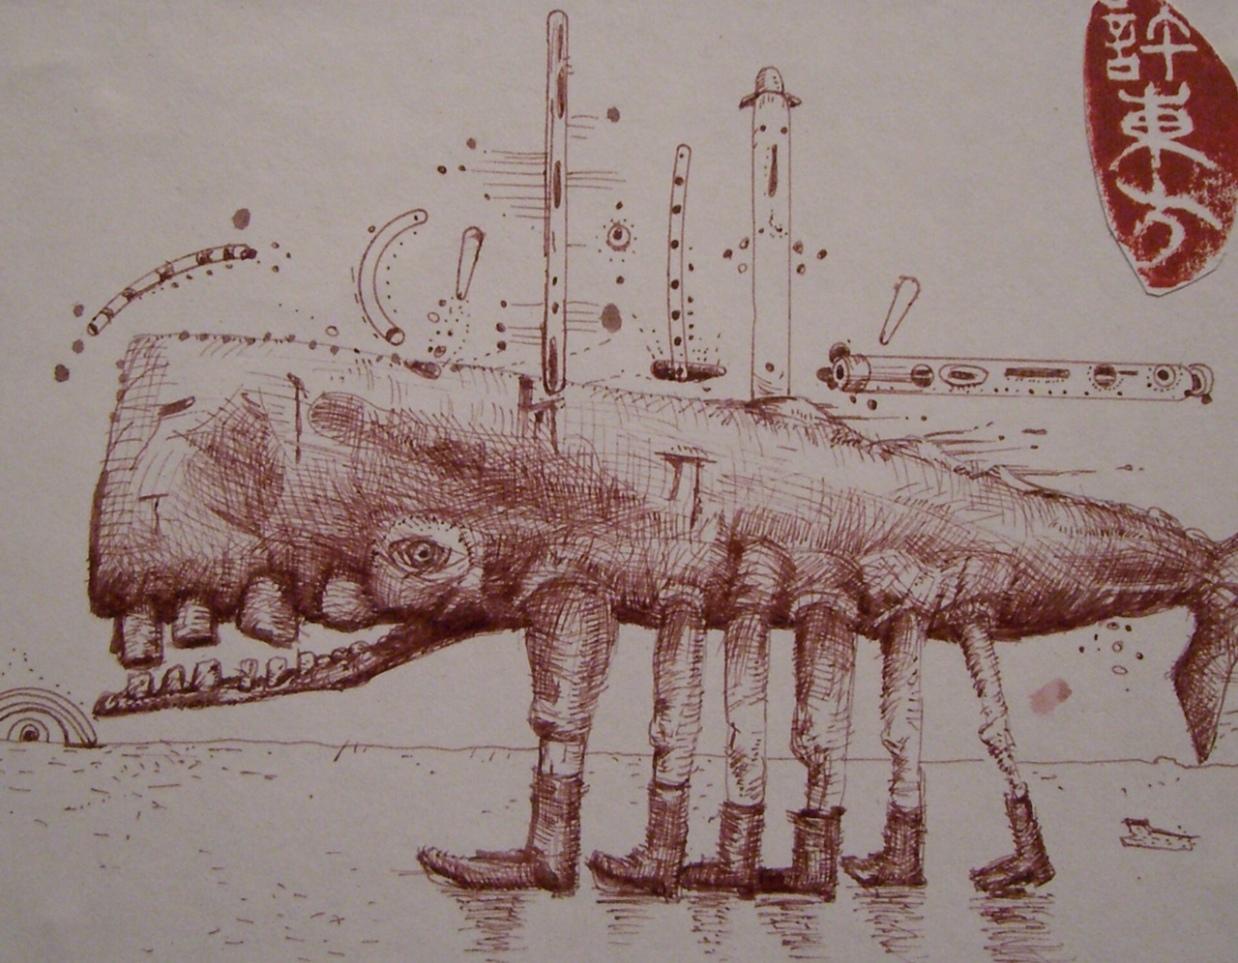 Artwork by Enrique Quinteros